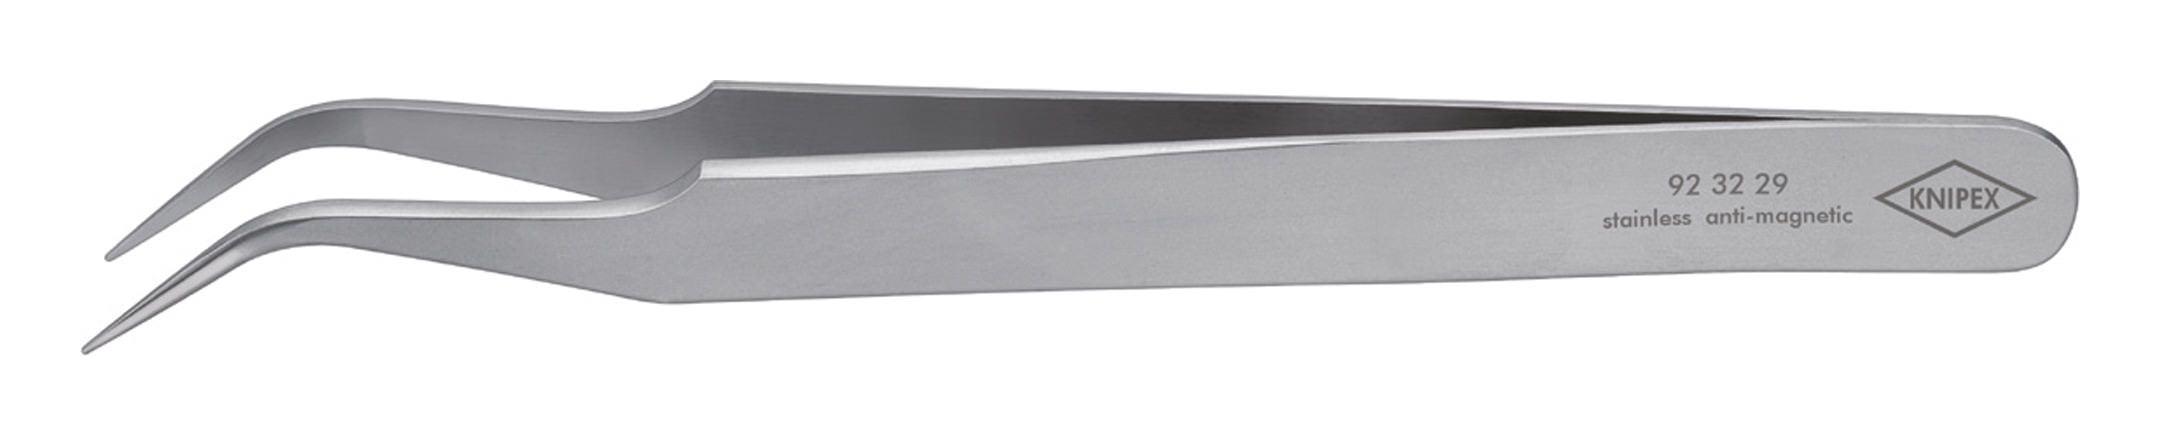 Knipex Präzisions-Pinzette Sichelform 120mm rostfrei - 92 32 29